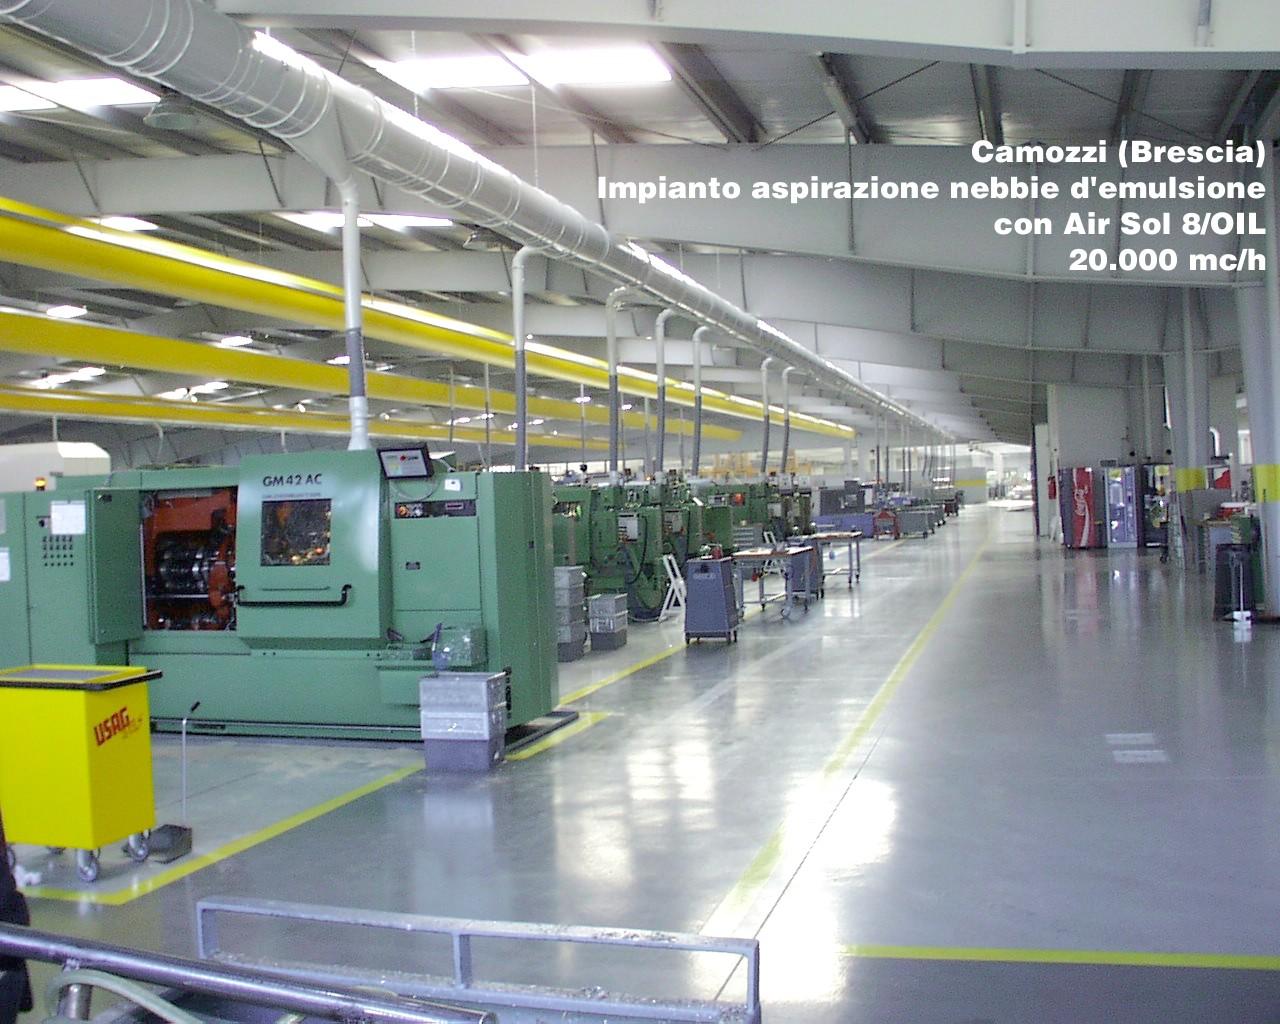 Impianti di aspirazione: l'importanza del filtraggio dell'aria negli ambienti industriali